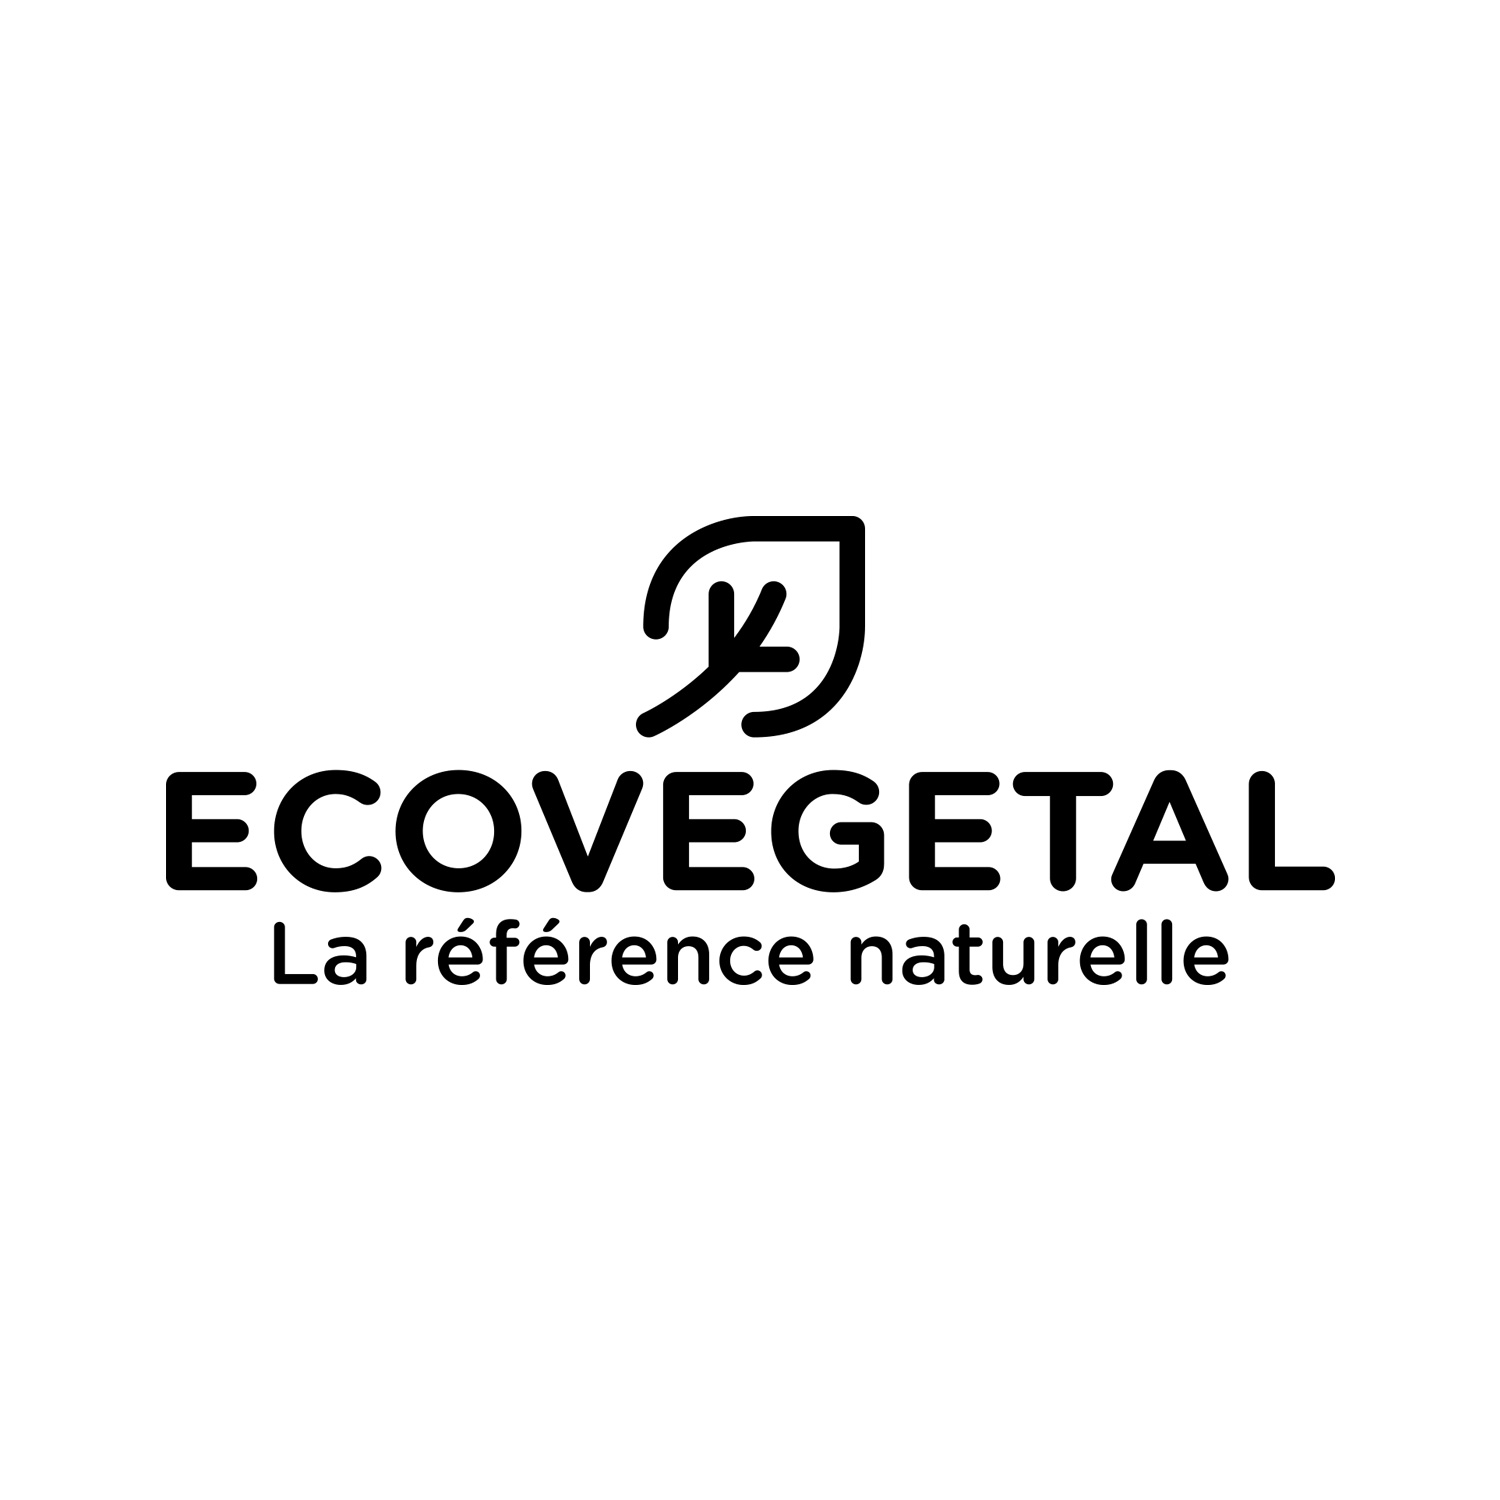 Logo Ecovegetal, la référence naturelle